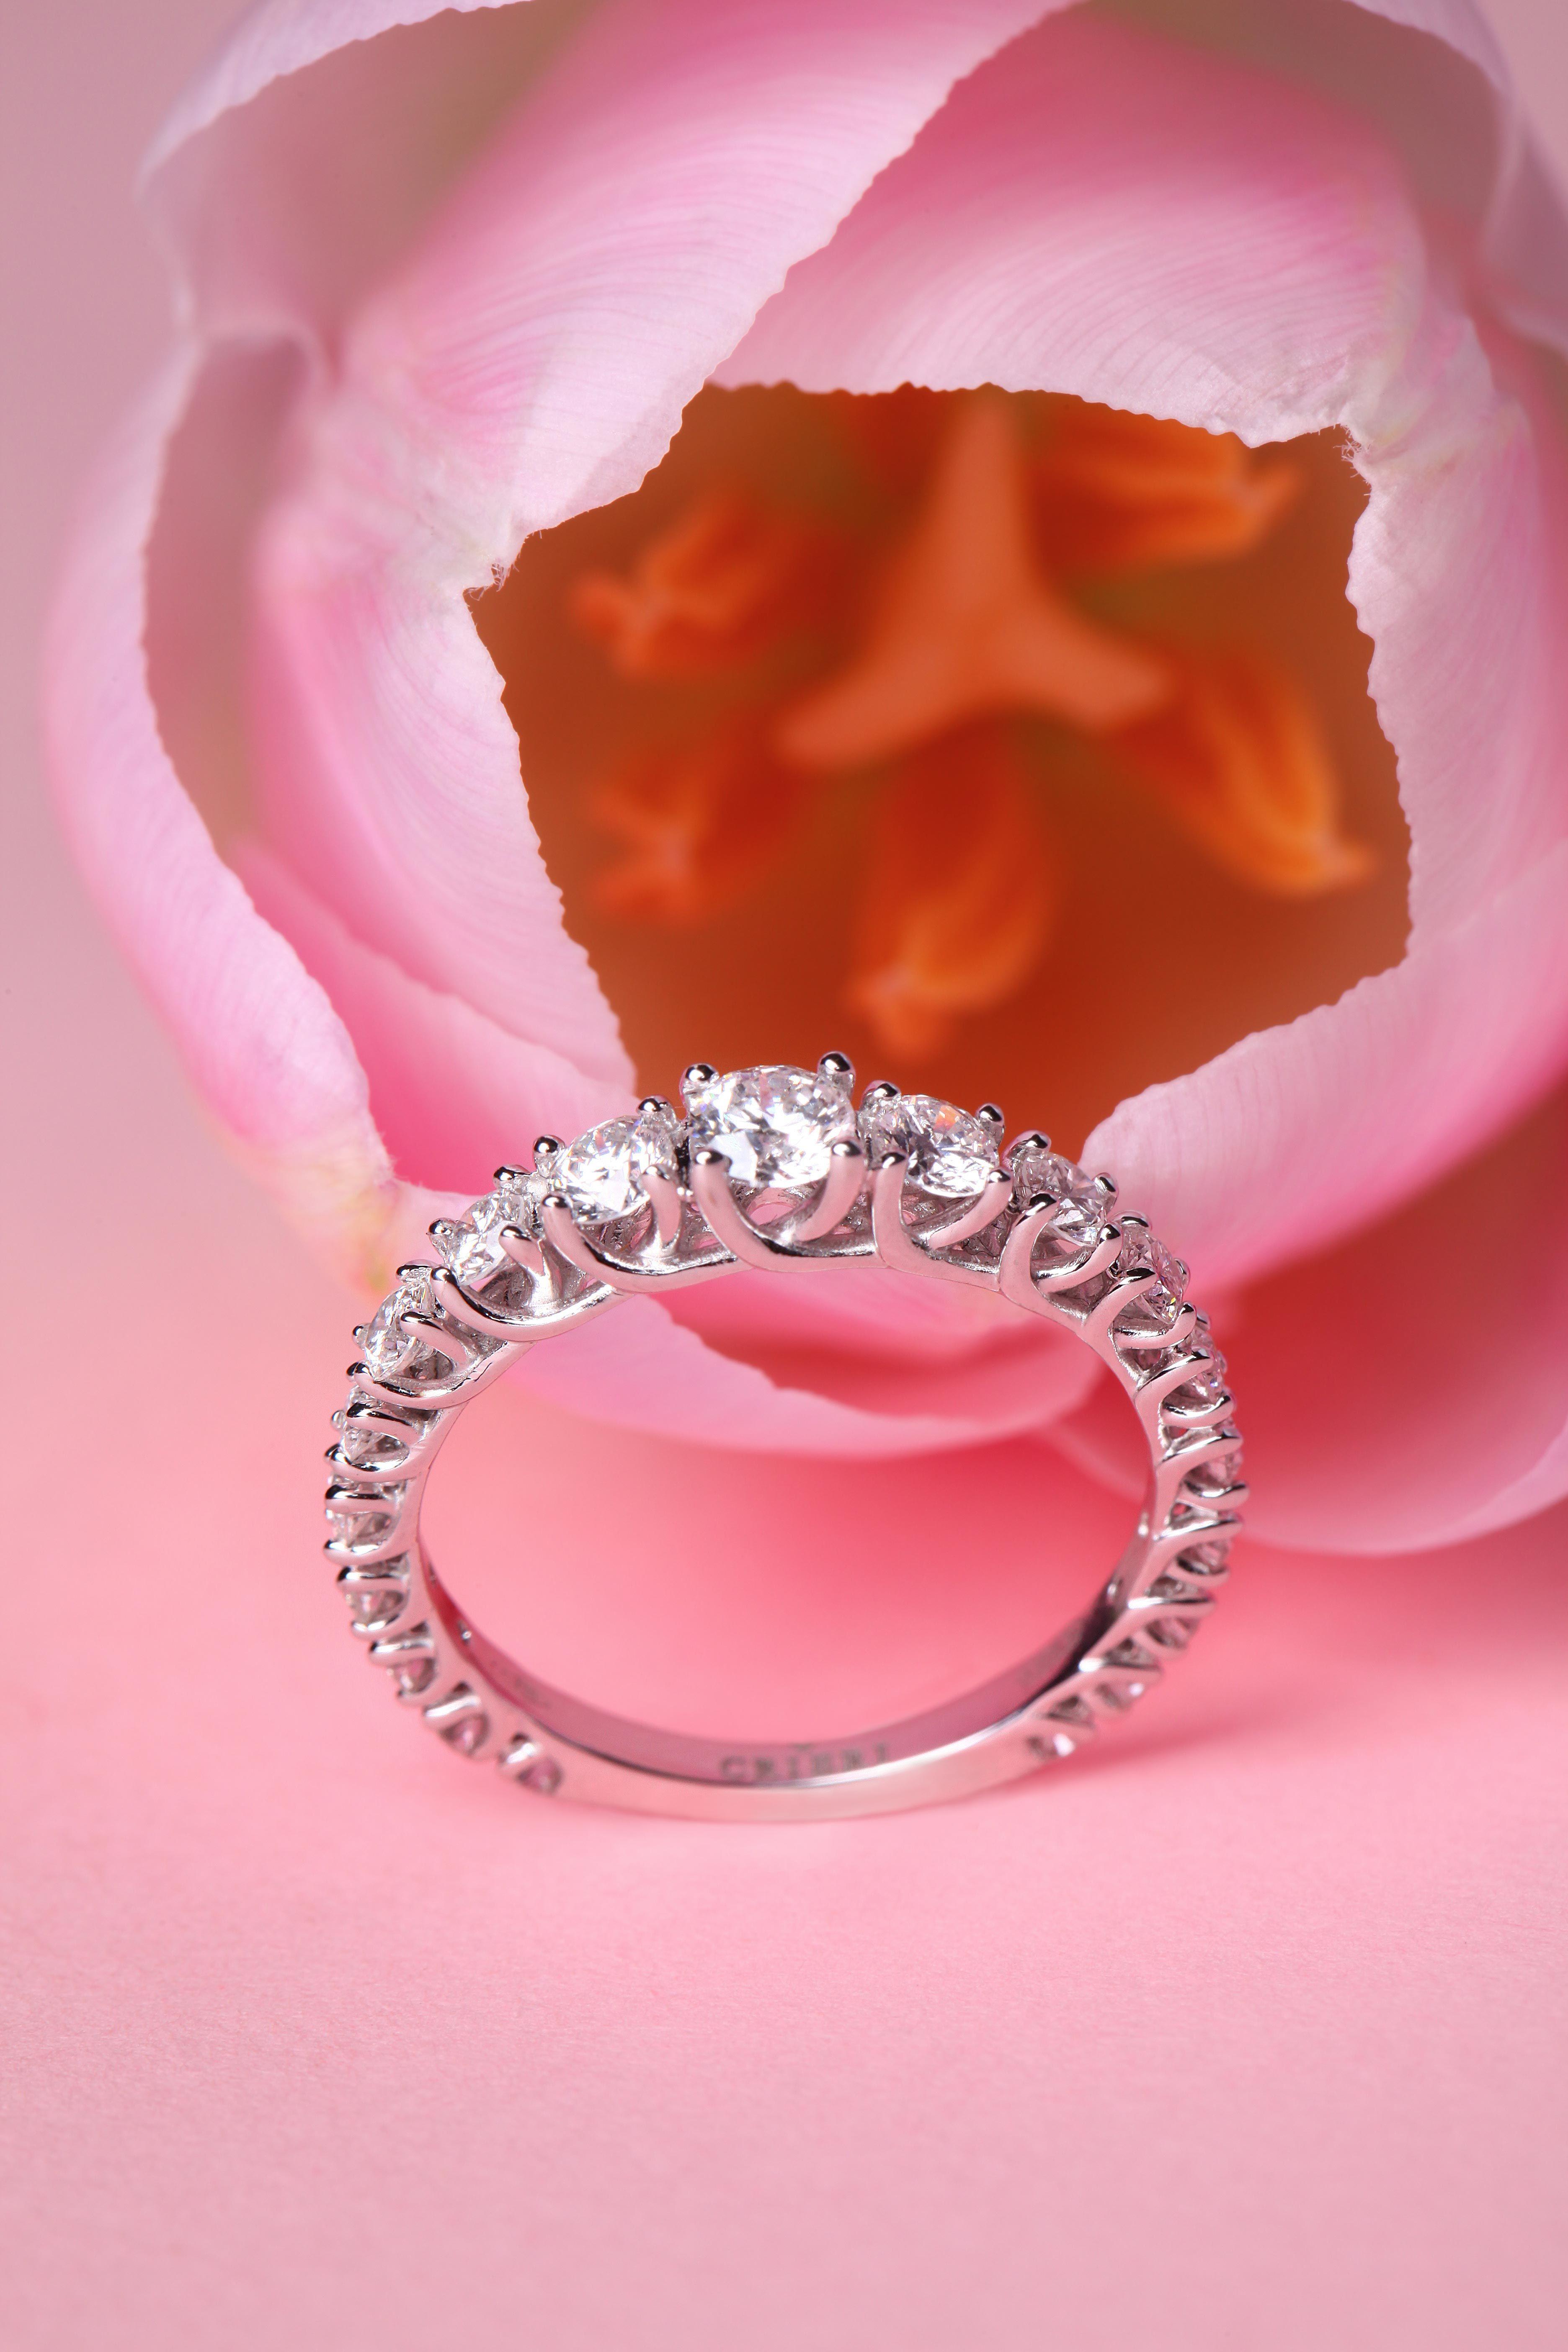 Anello Elegance Crieri. Oro bianco e diamanti taglio brillante ...